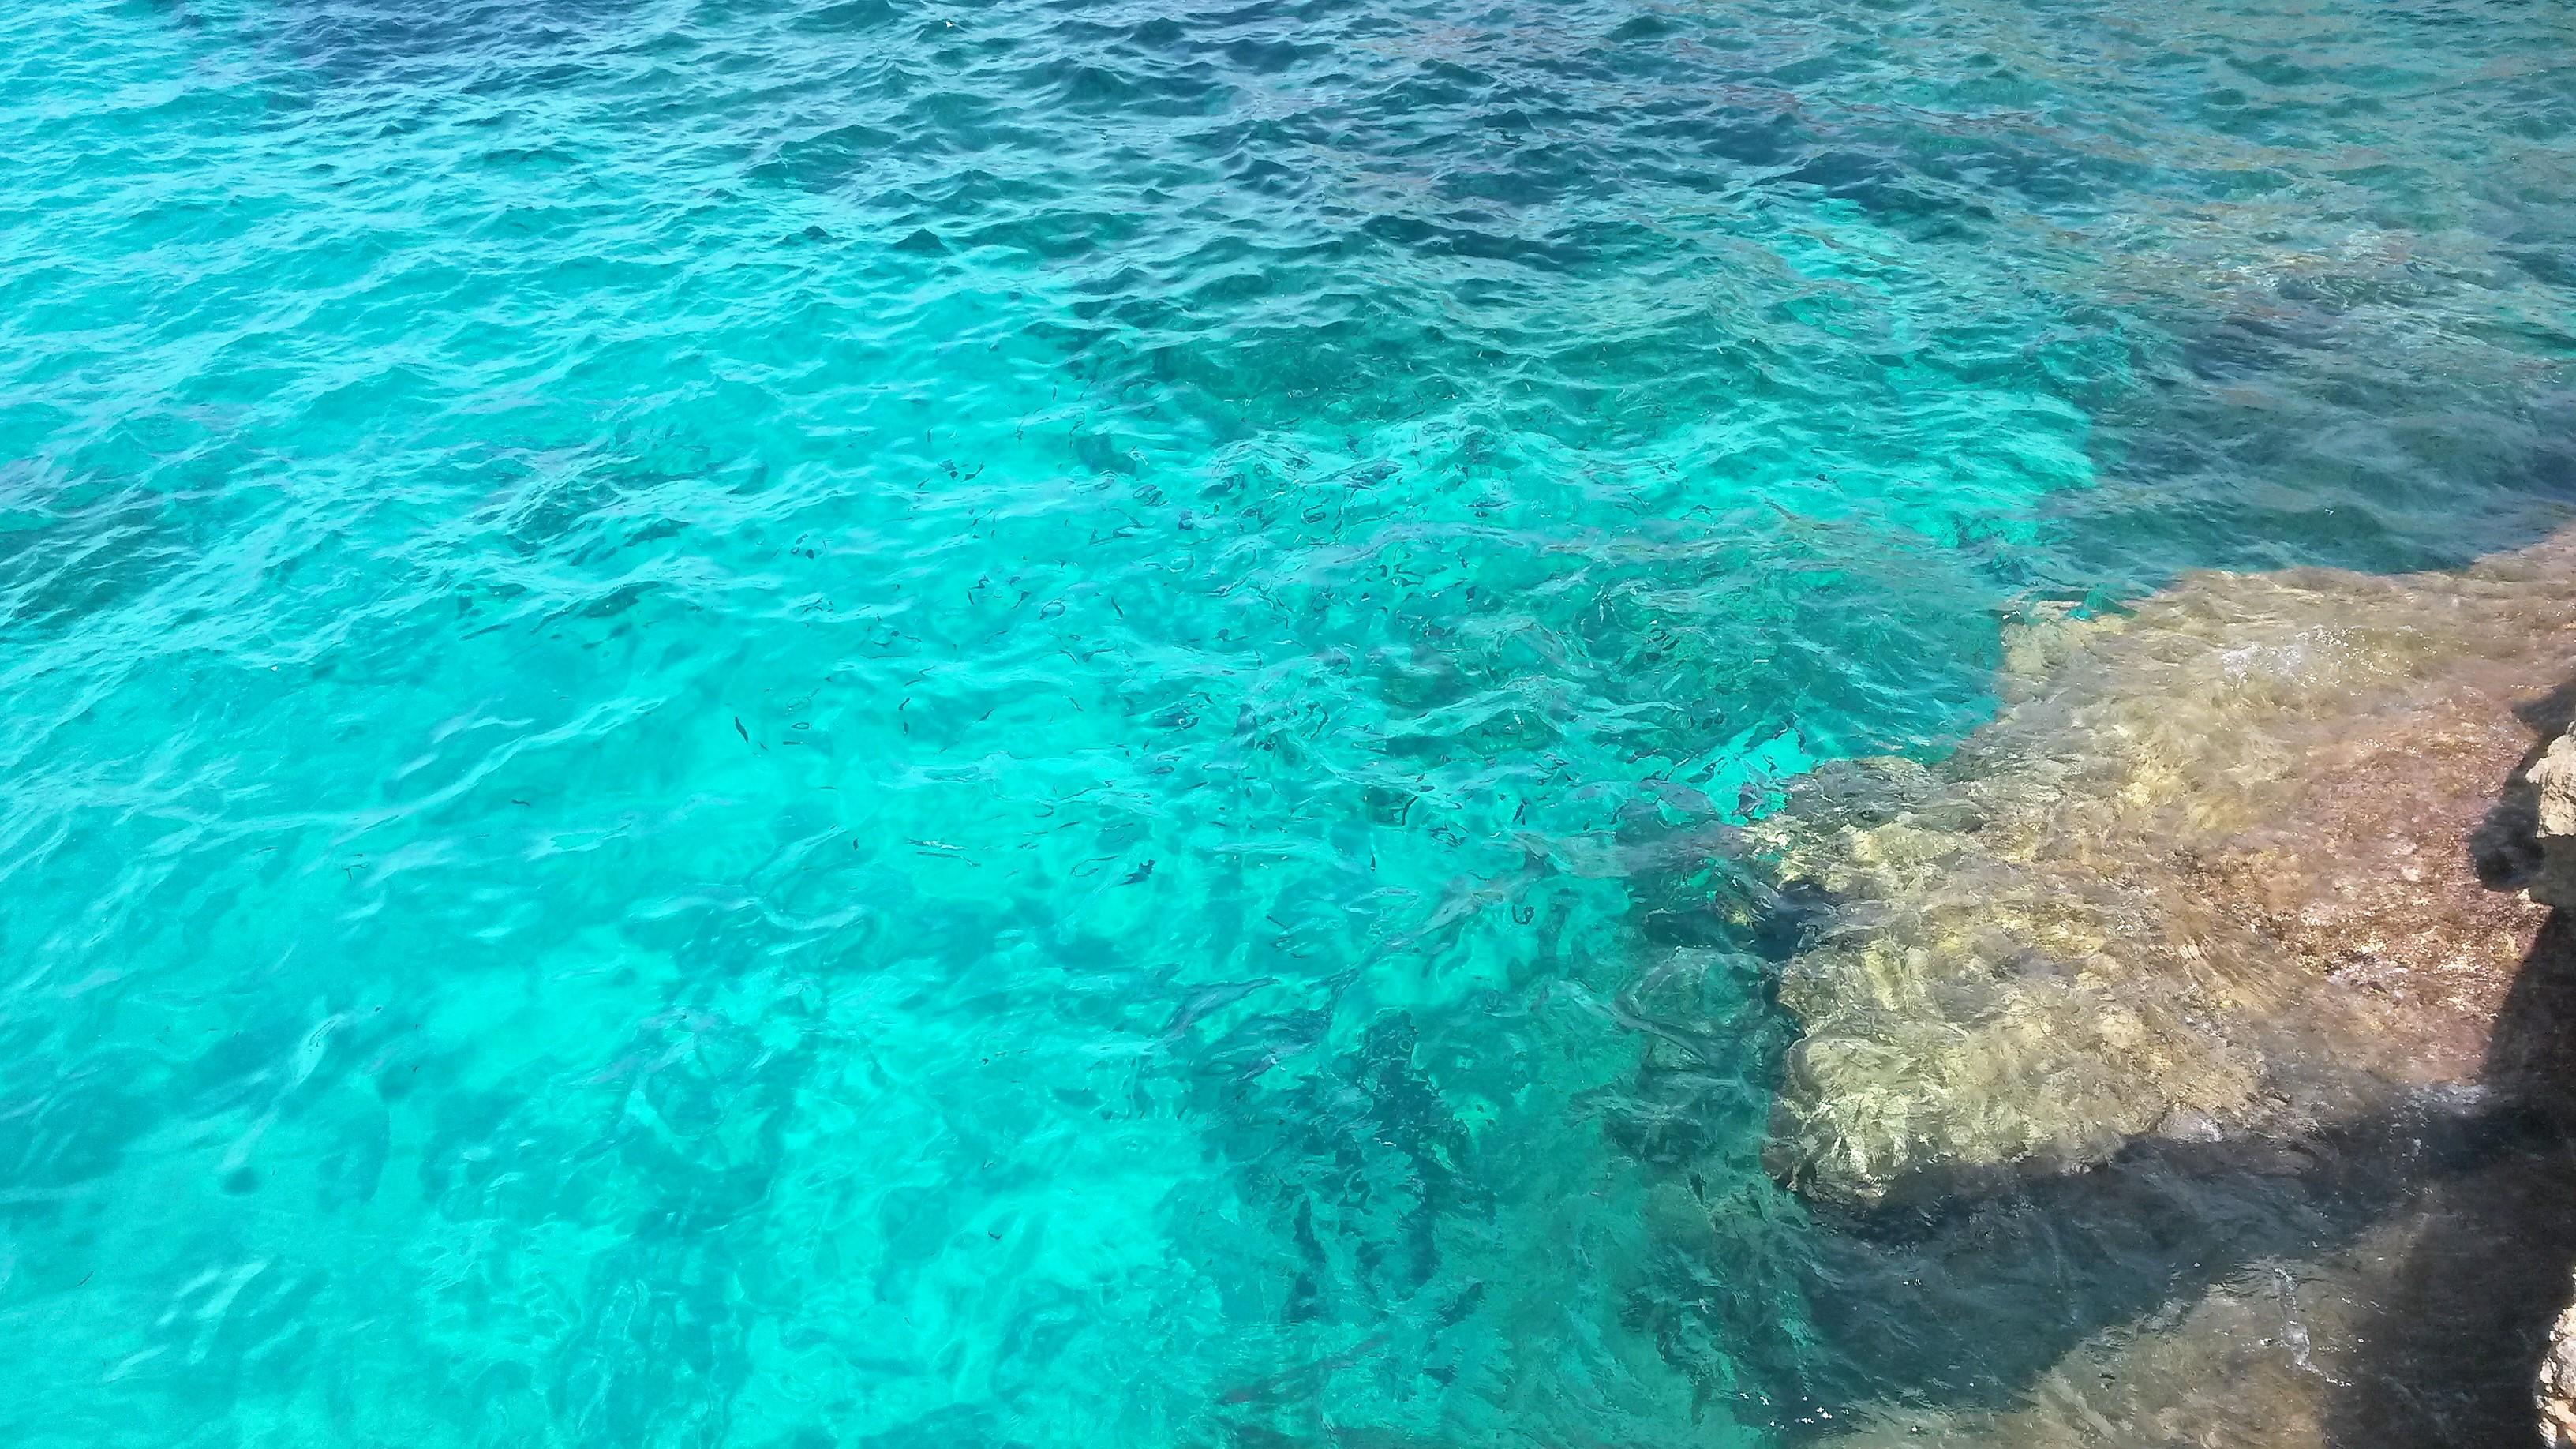 Menorca: la isla de contrastes de color turquesa